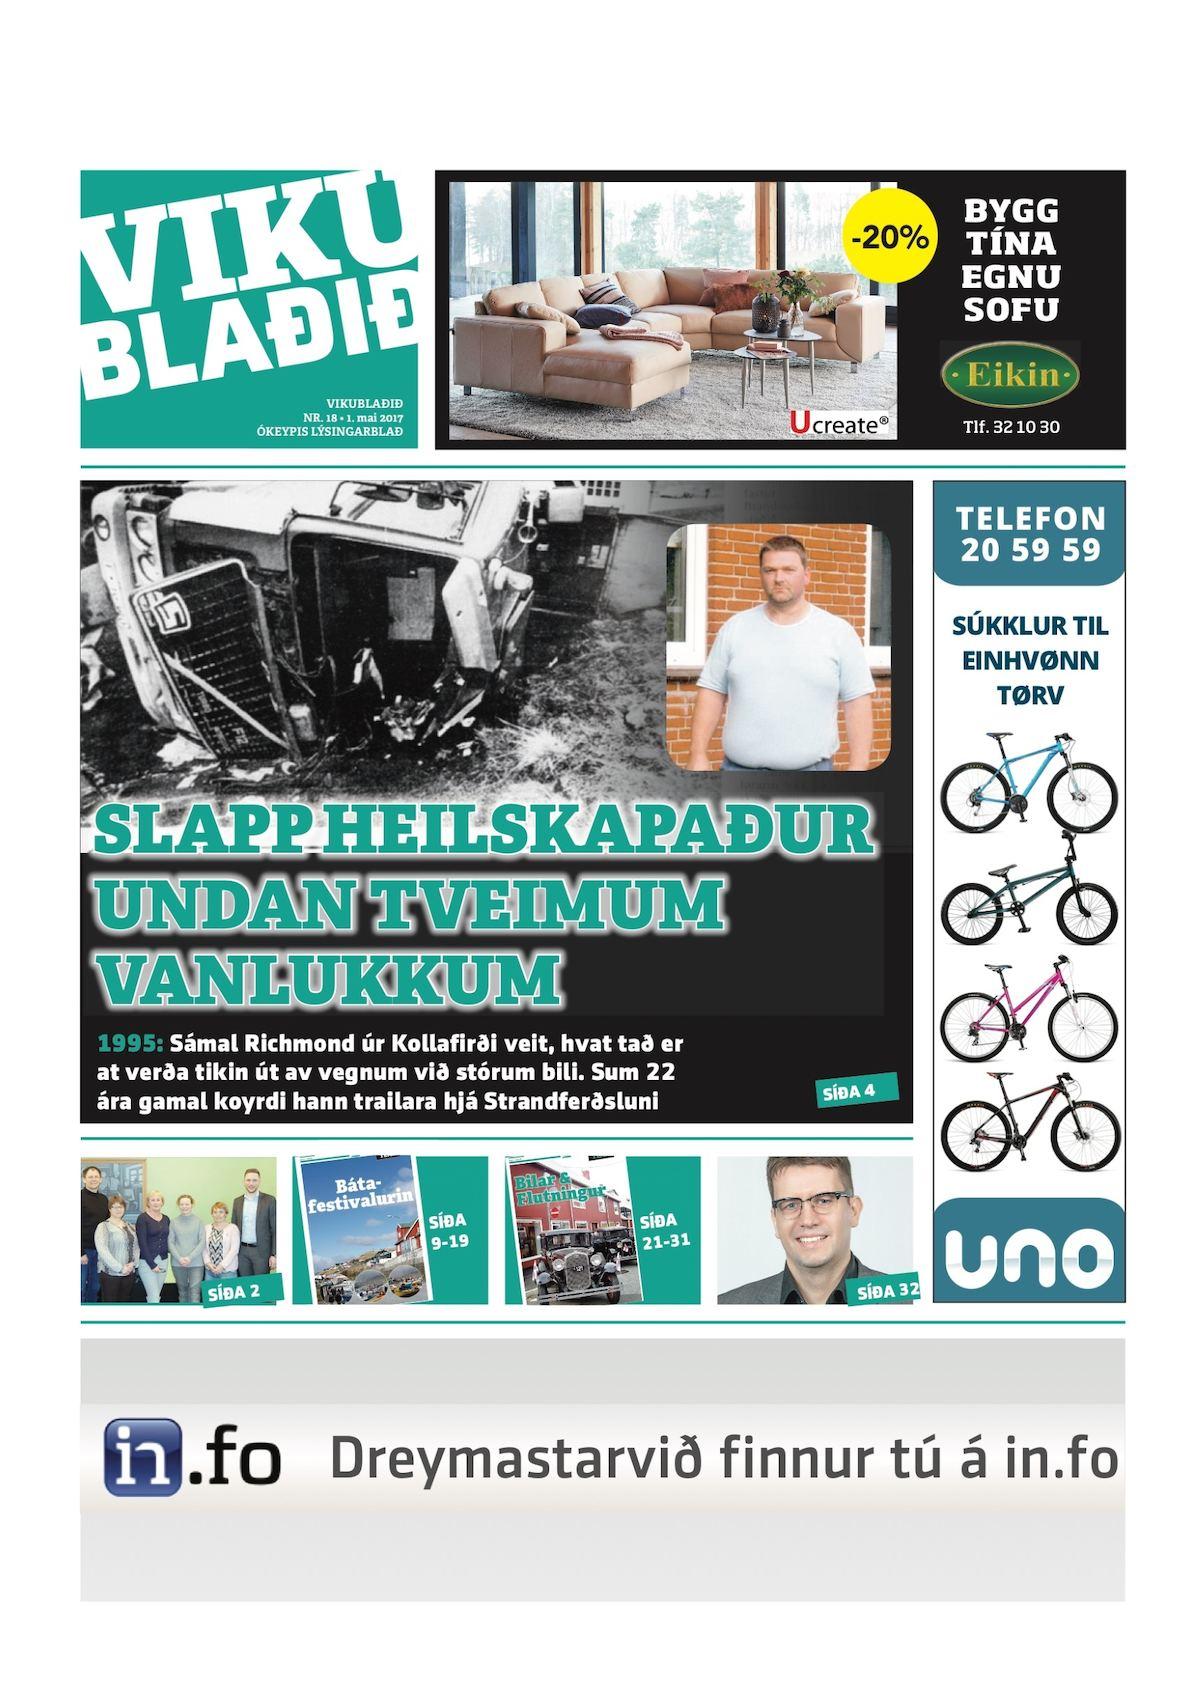 Vikublaðið 1. mai 2017